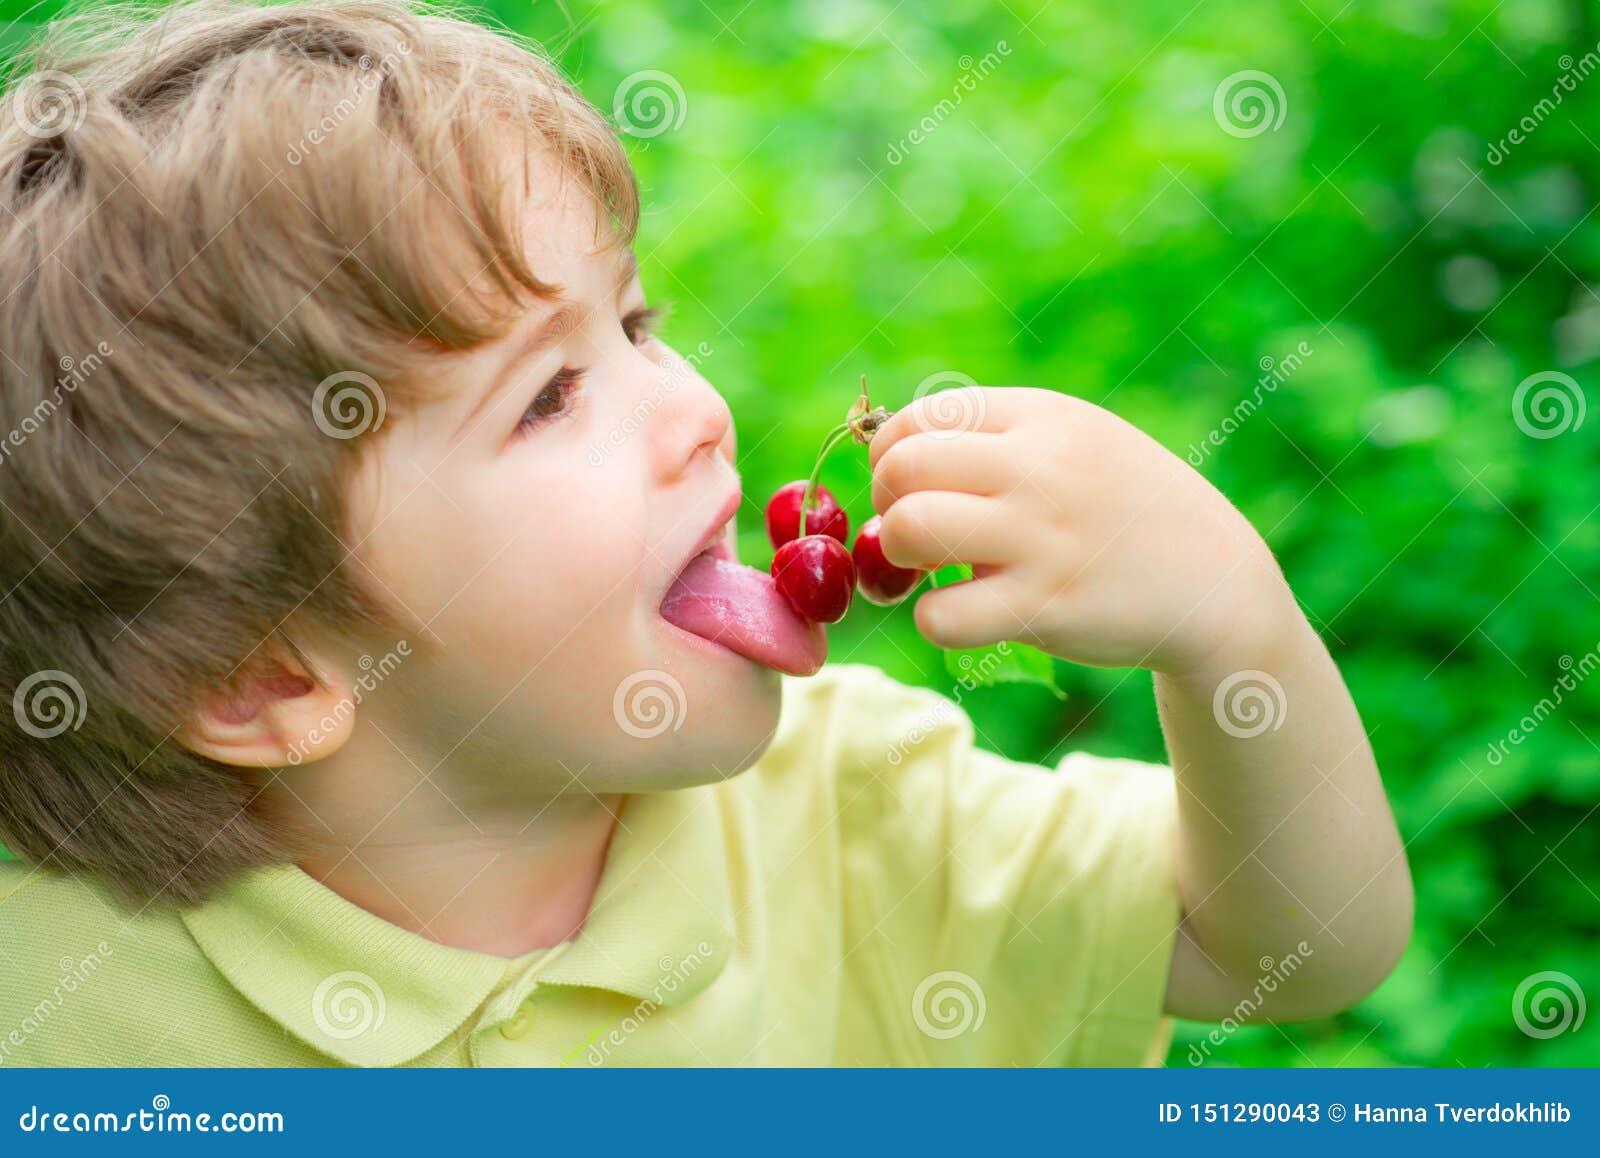 Вкус вишни Мальчик ест плоды лета Сезон вишни Плоды и ягоды для детей